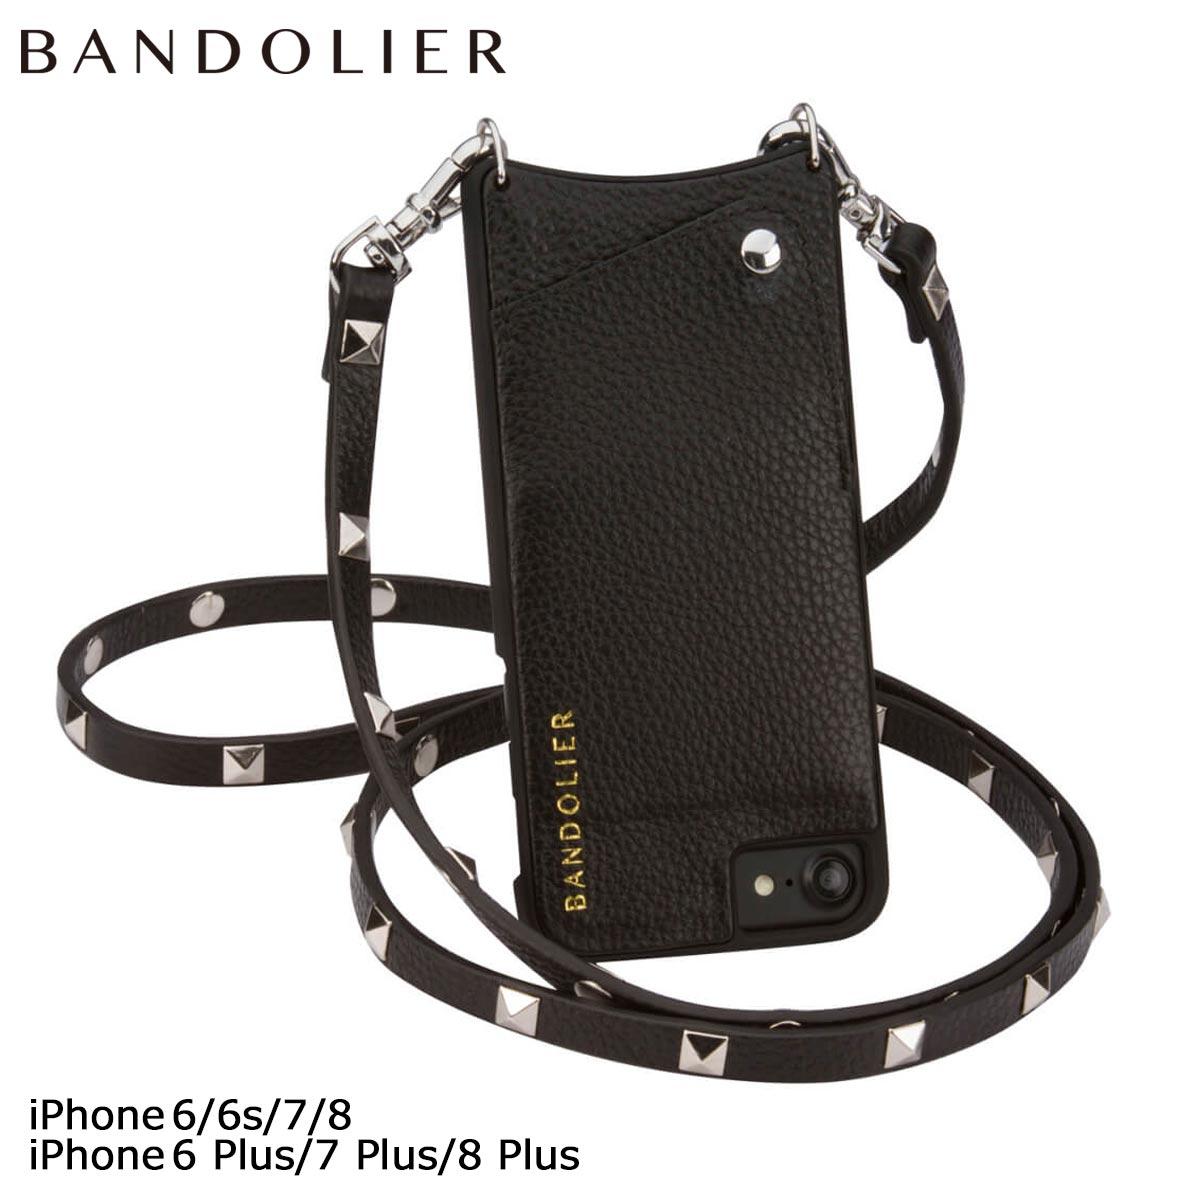 BANDOLIER SARAH バンドリヤー iPhone8 iPhone7 7Plus 6s ケース スマホ アイフォン プラス レザー スタッズ メンズ レディース